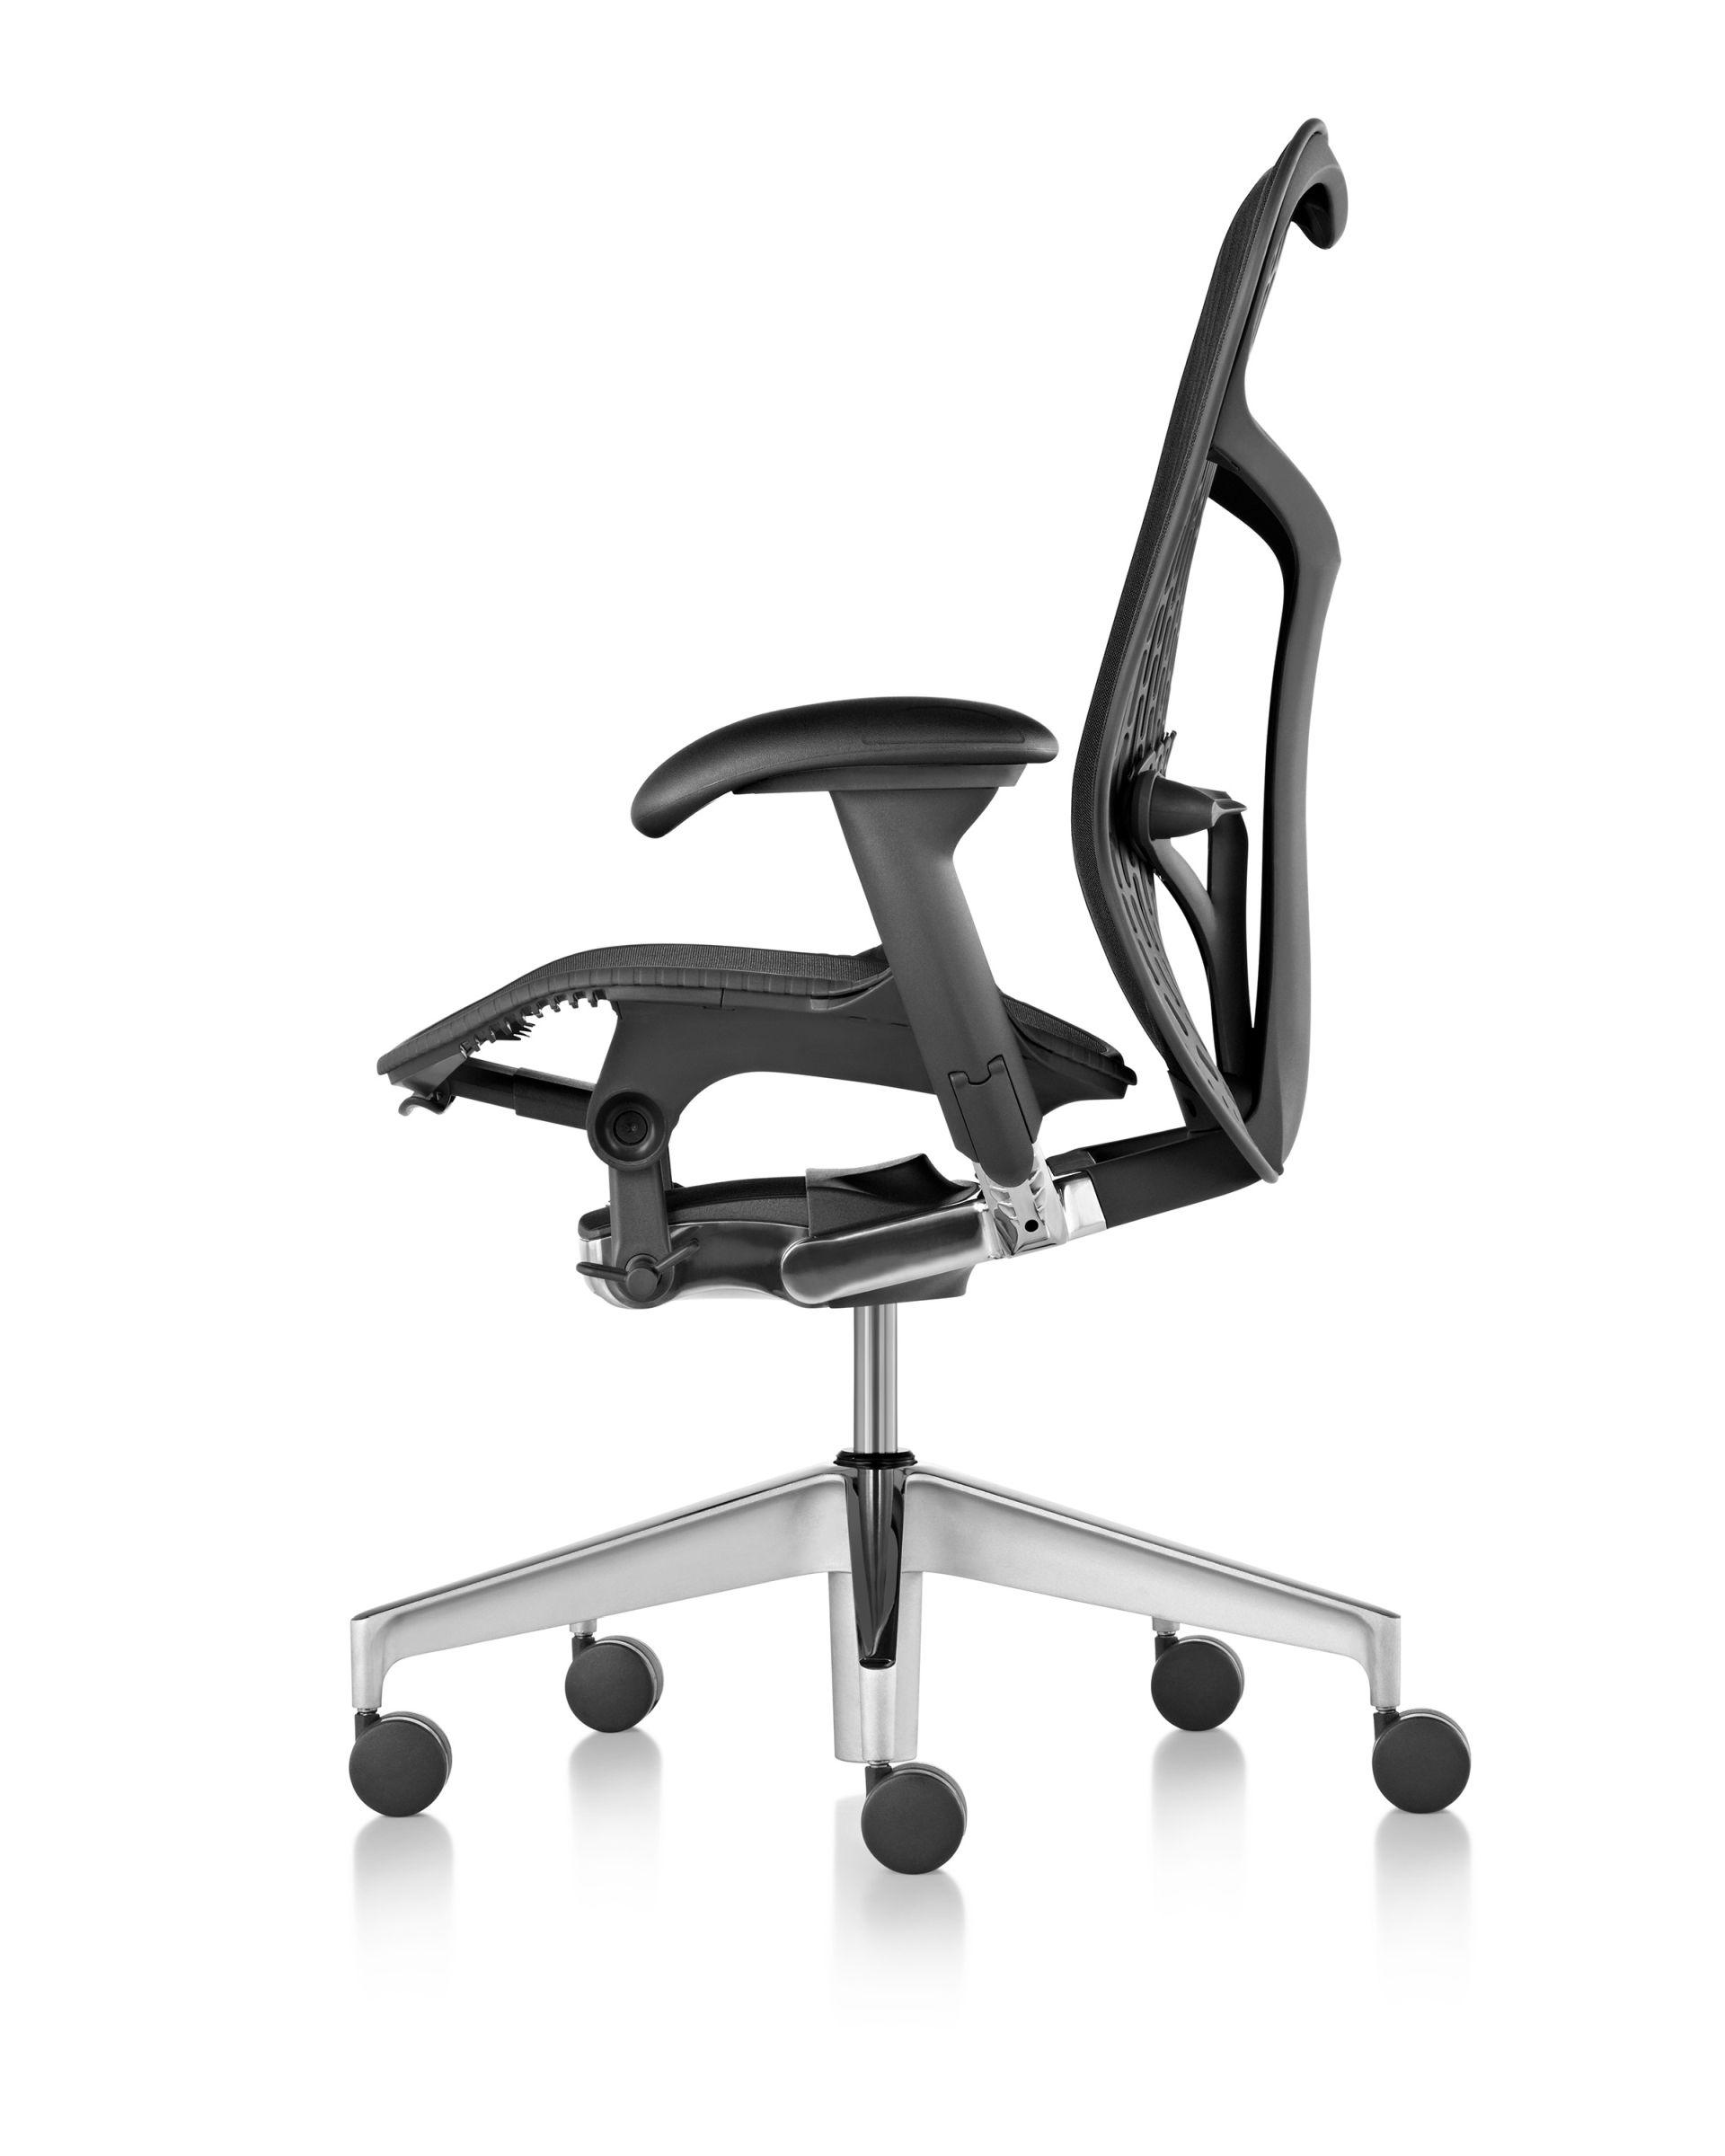 mirra 2 chair fishing forum chairs love that design